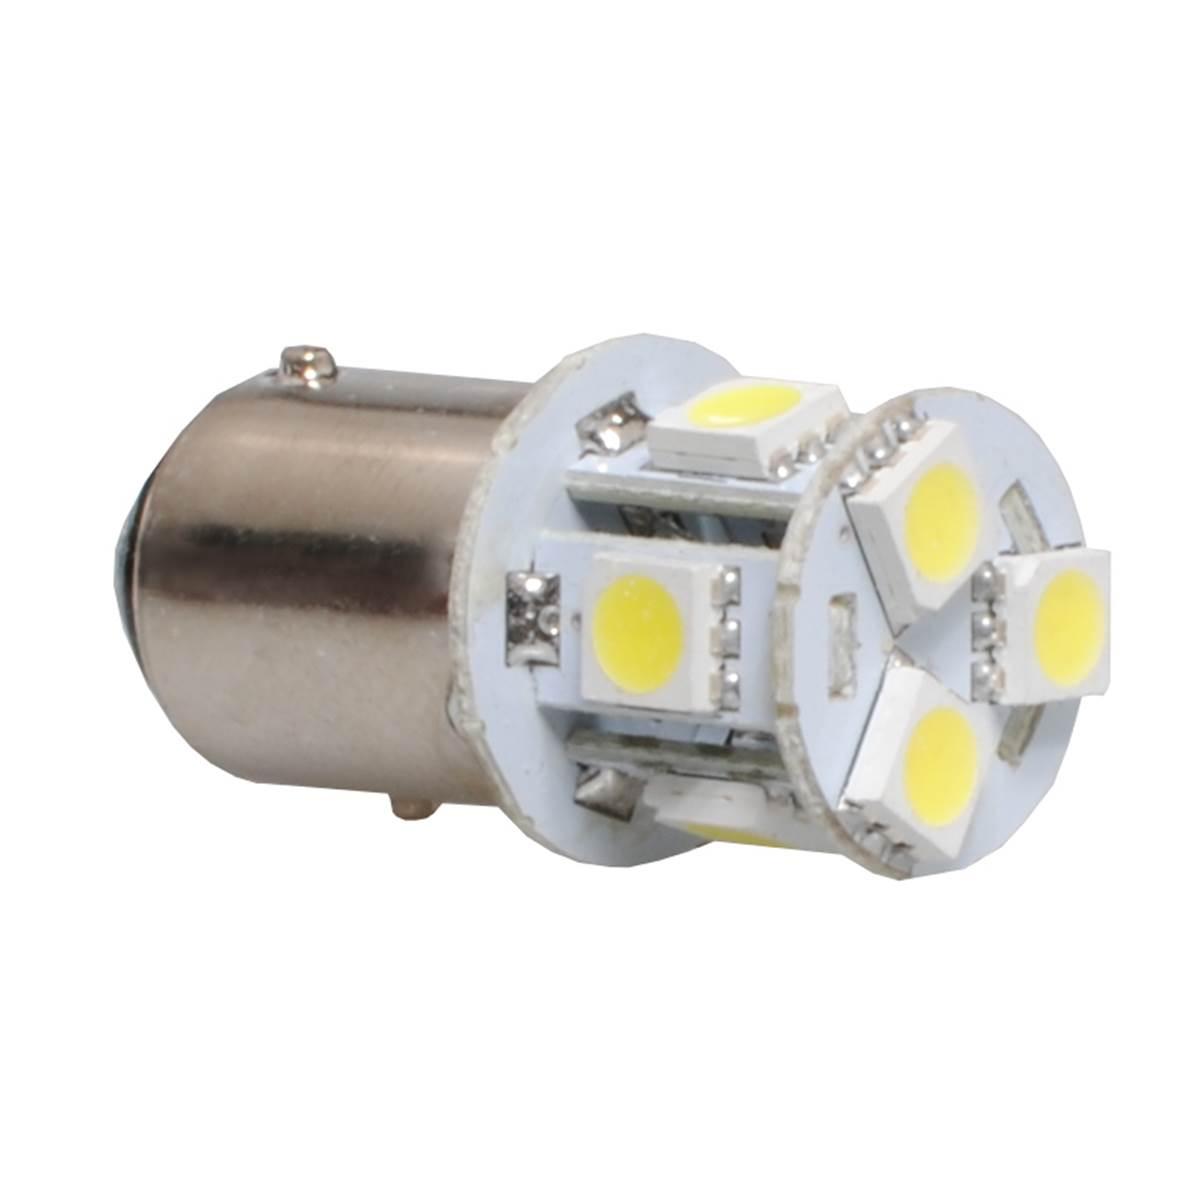 2 ampoules BA9S avec 8 LED blanche